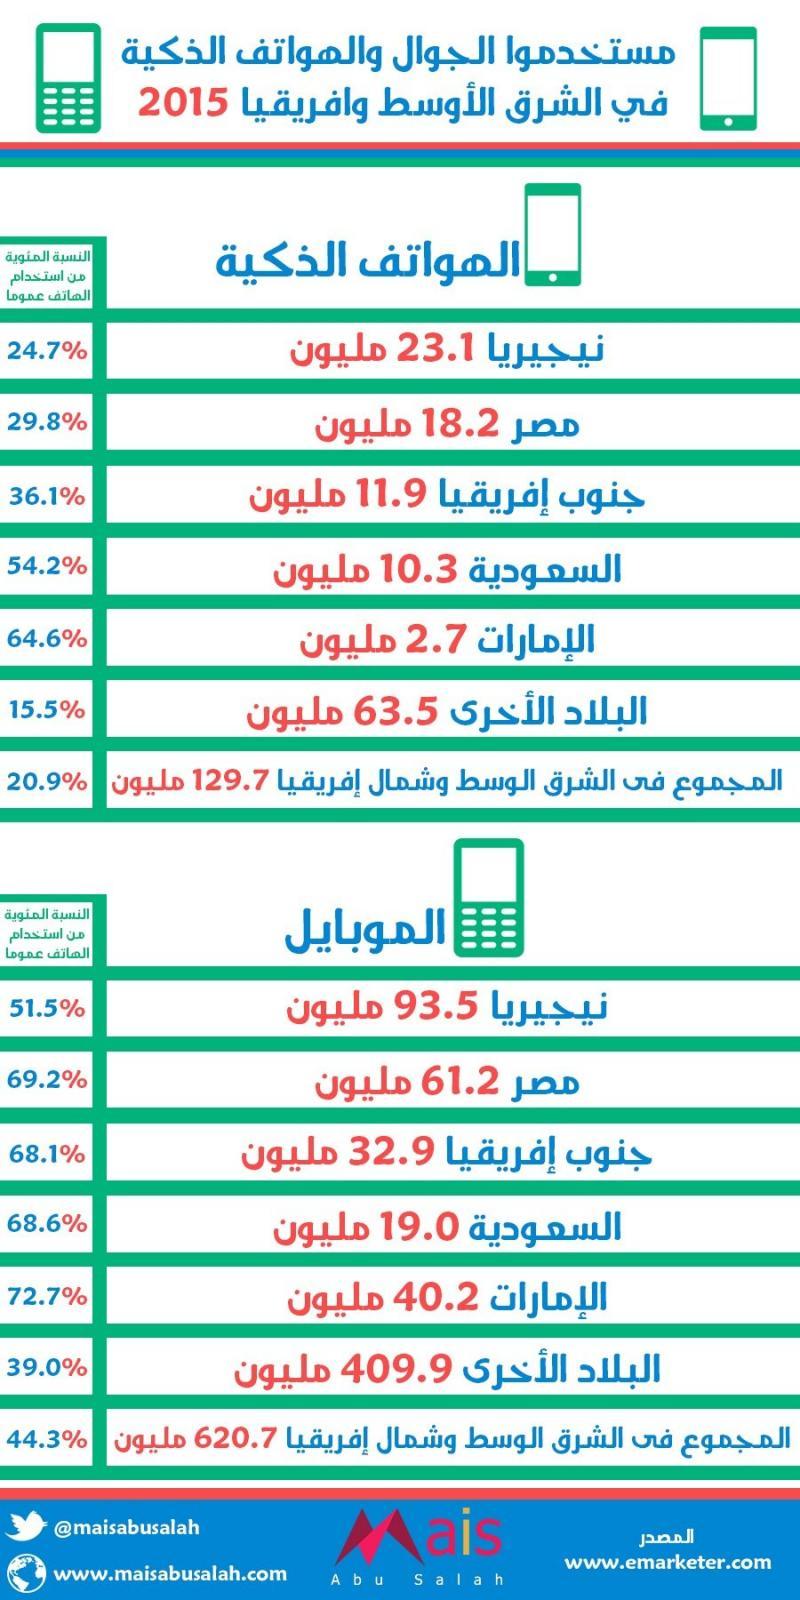 مستخدمو الجوال والهواتف الذكية في الشرق الأوسط وأفريقيا #انفوجرافيك